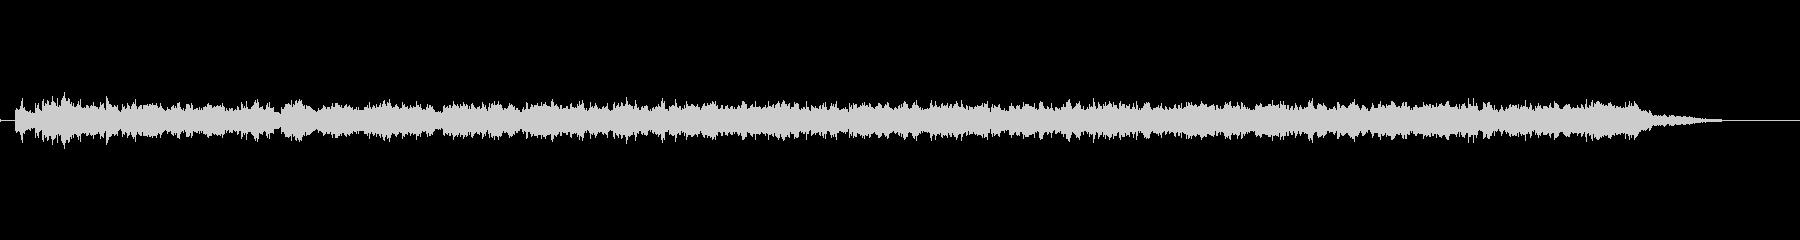 ヘビーヘビーアーストラック(1)、プルの未再生の波形